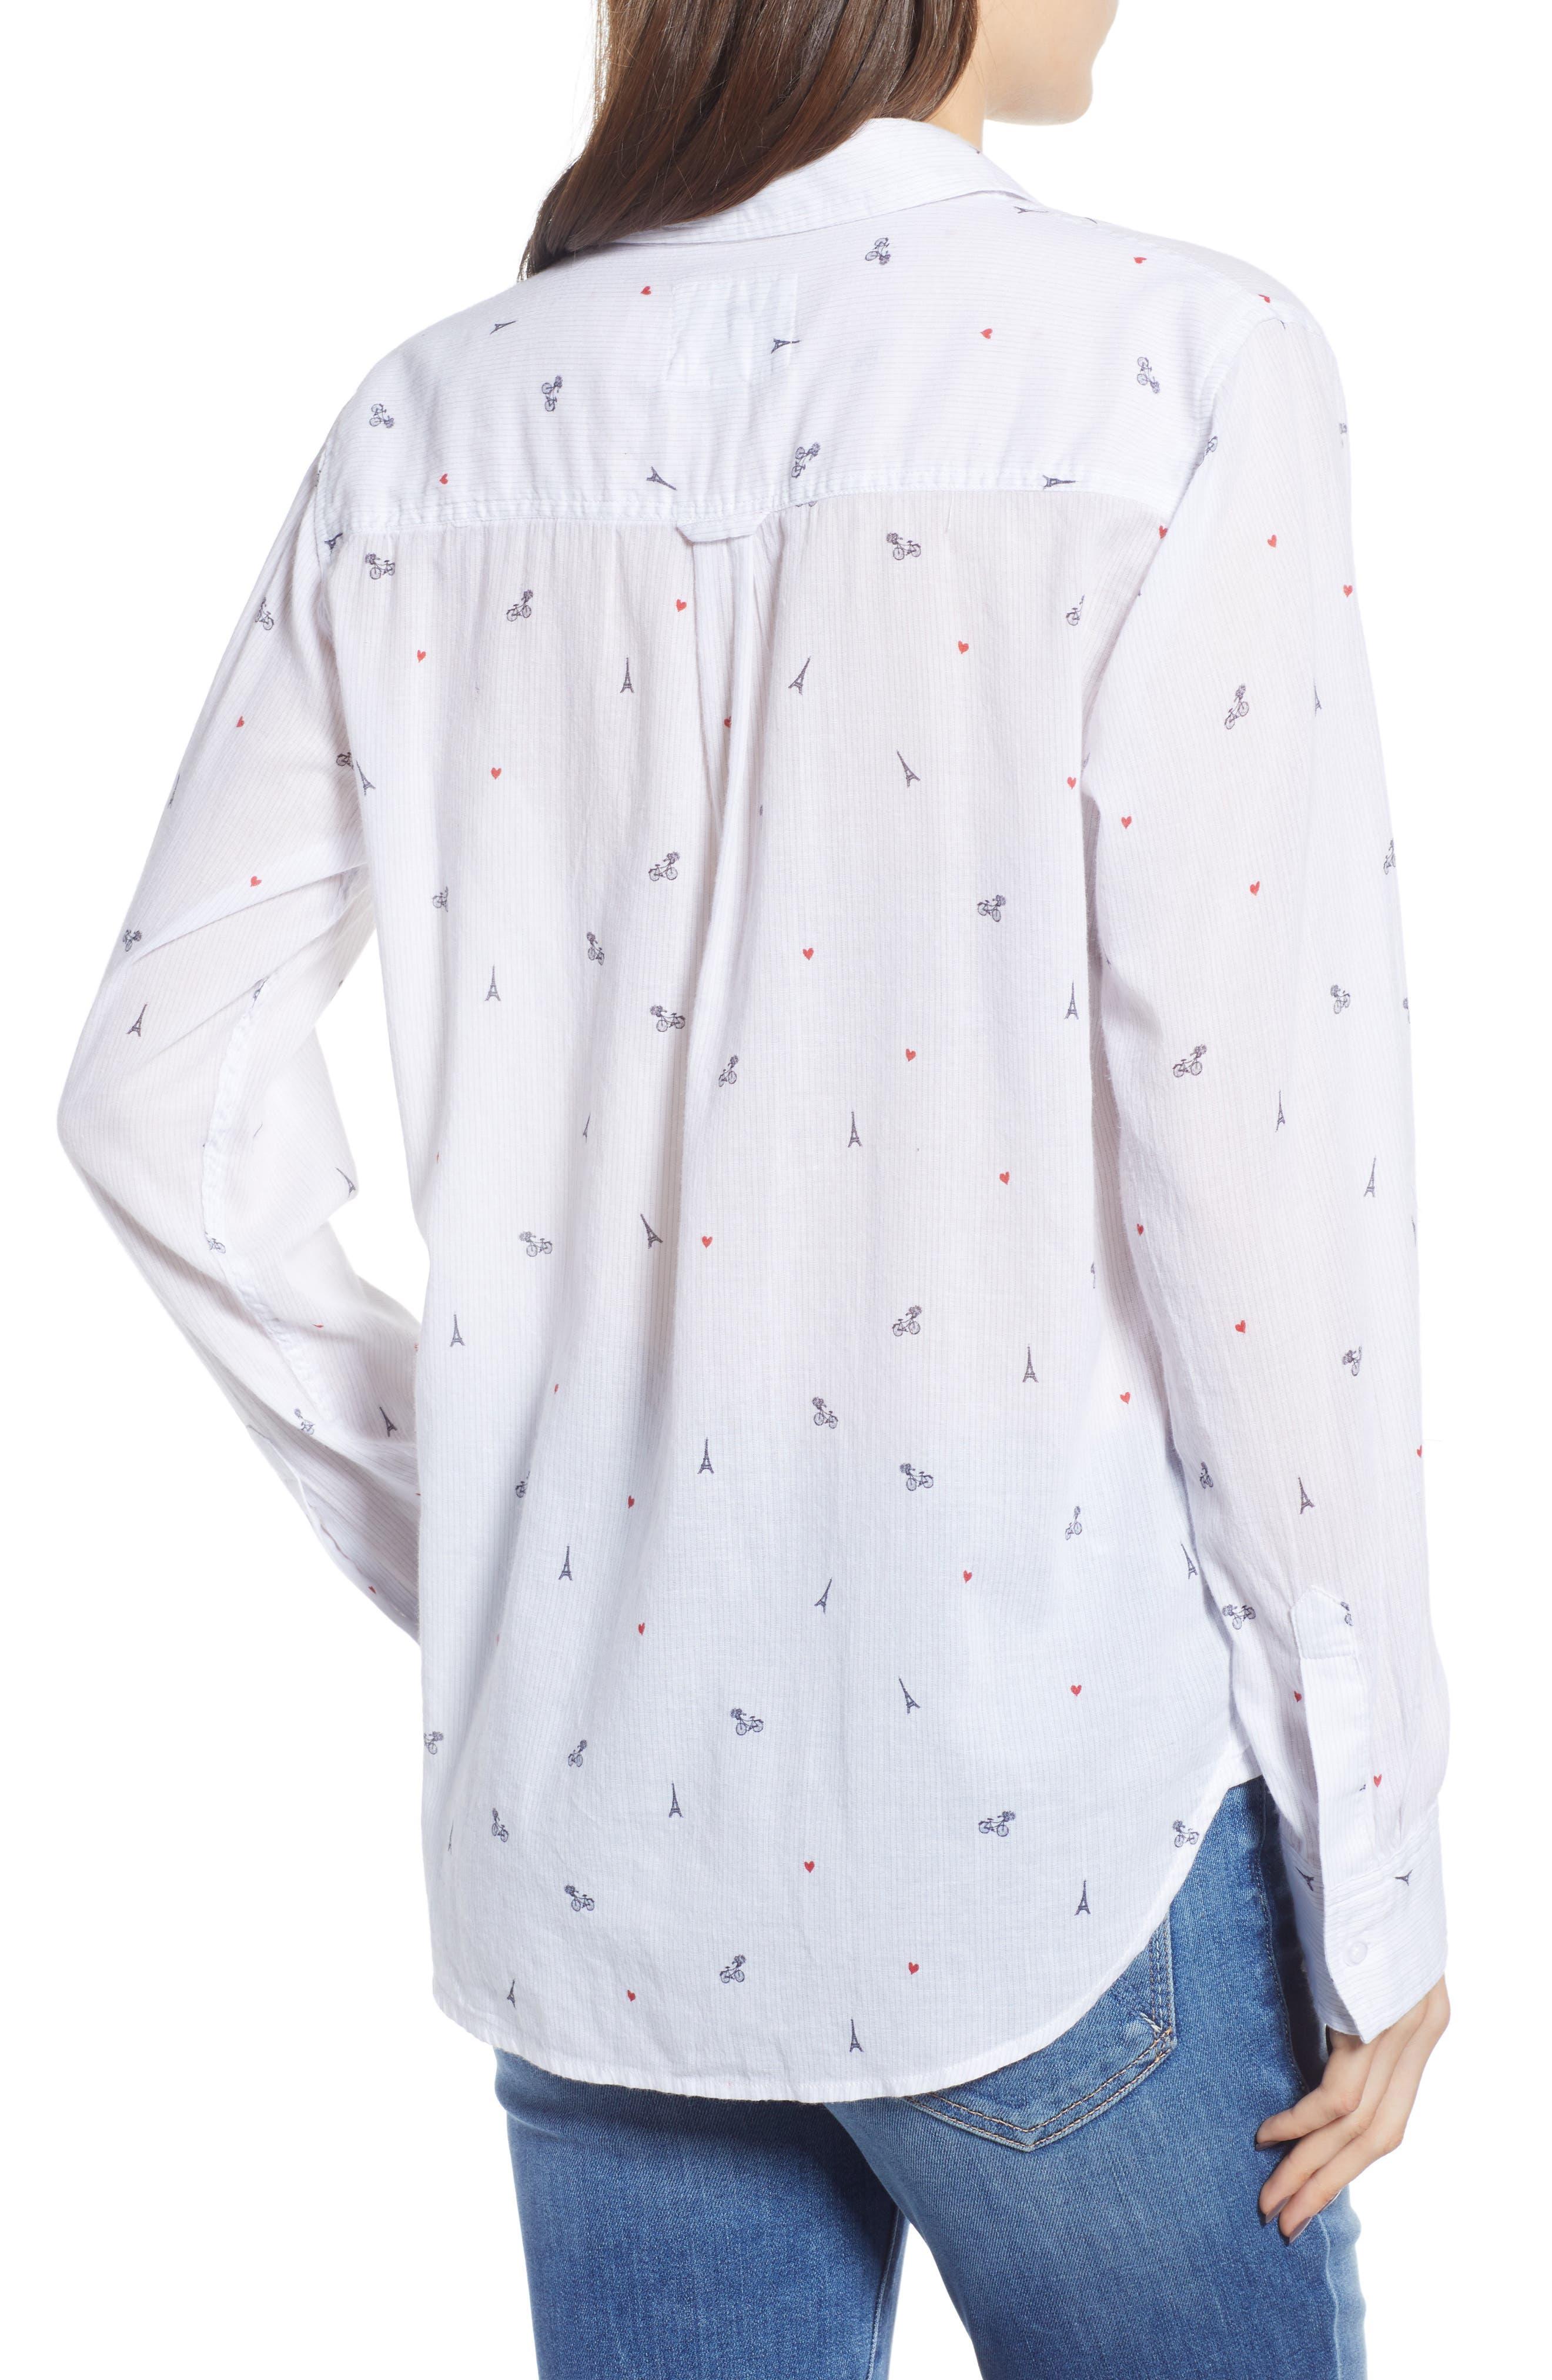 Taylor Star Stripe Shirt,                             Alternate thumbnail 2, color,                             LITTLE PARIS